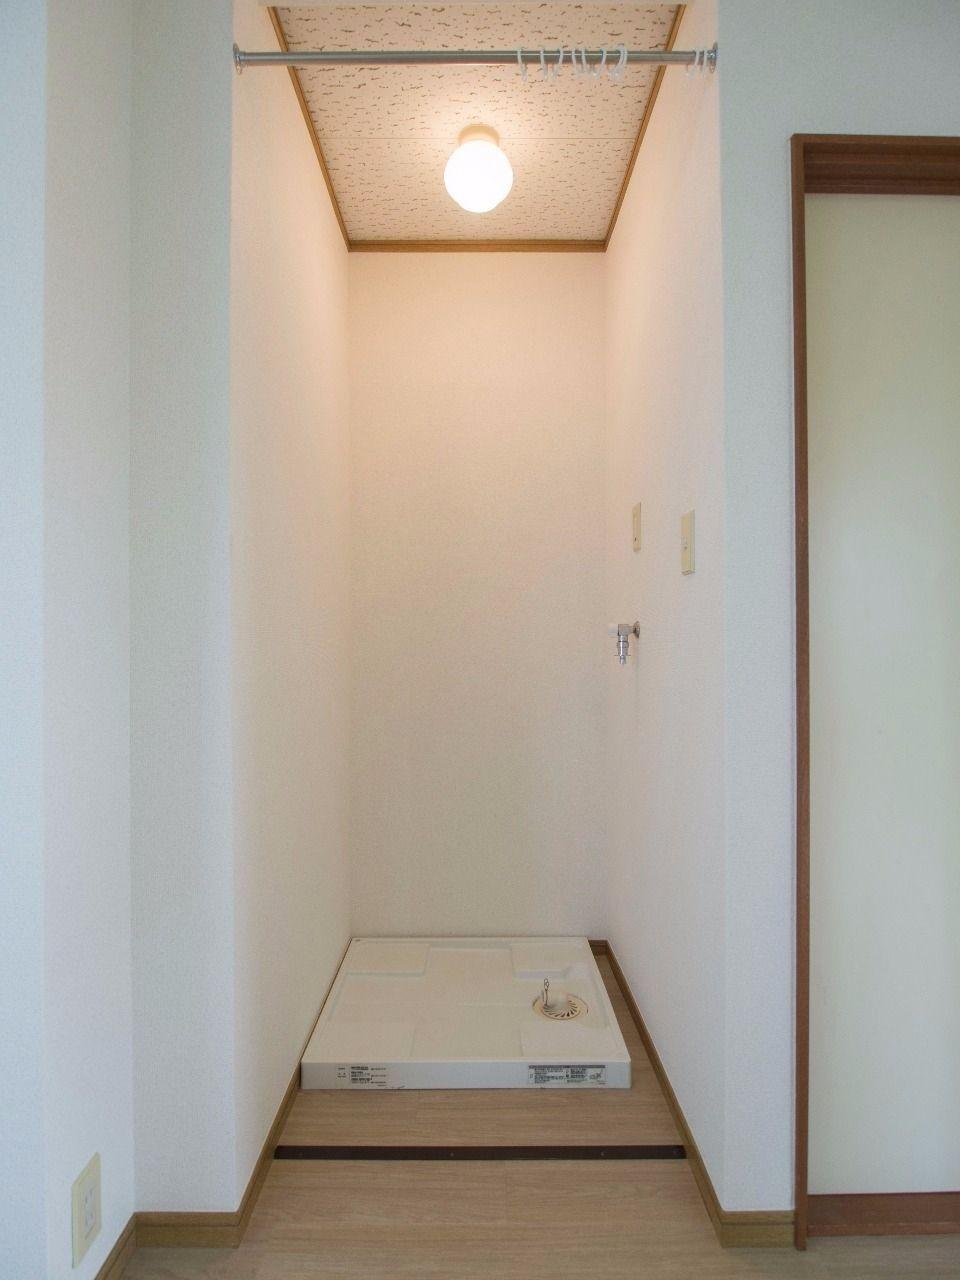 カーテンポールで目隠しできる室内洗濯機置場